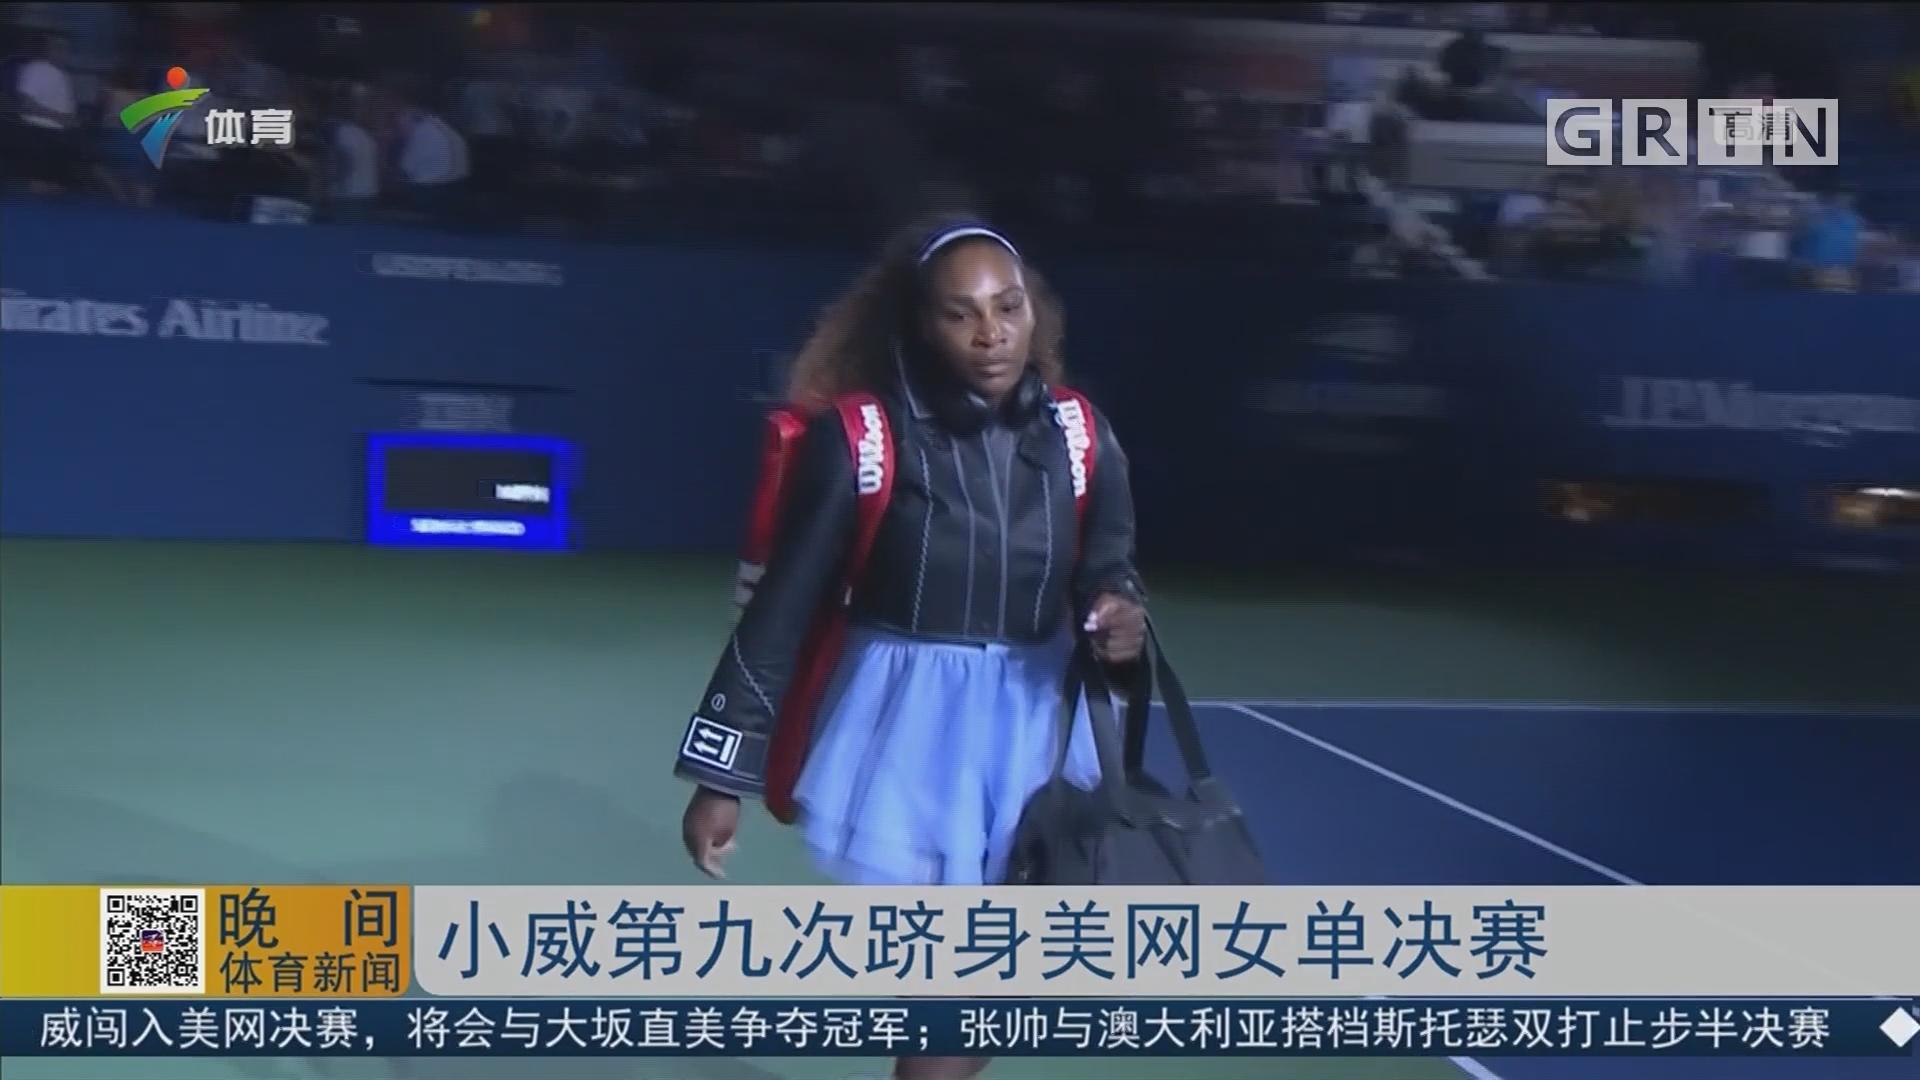 小威第九次跻身美网女单决赛